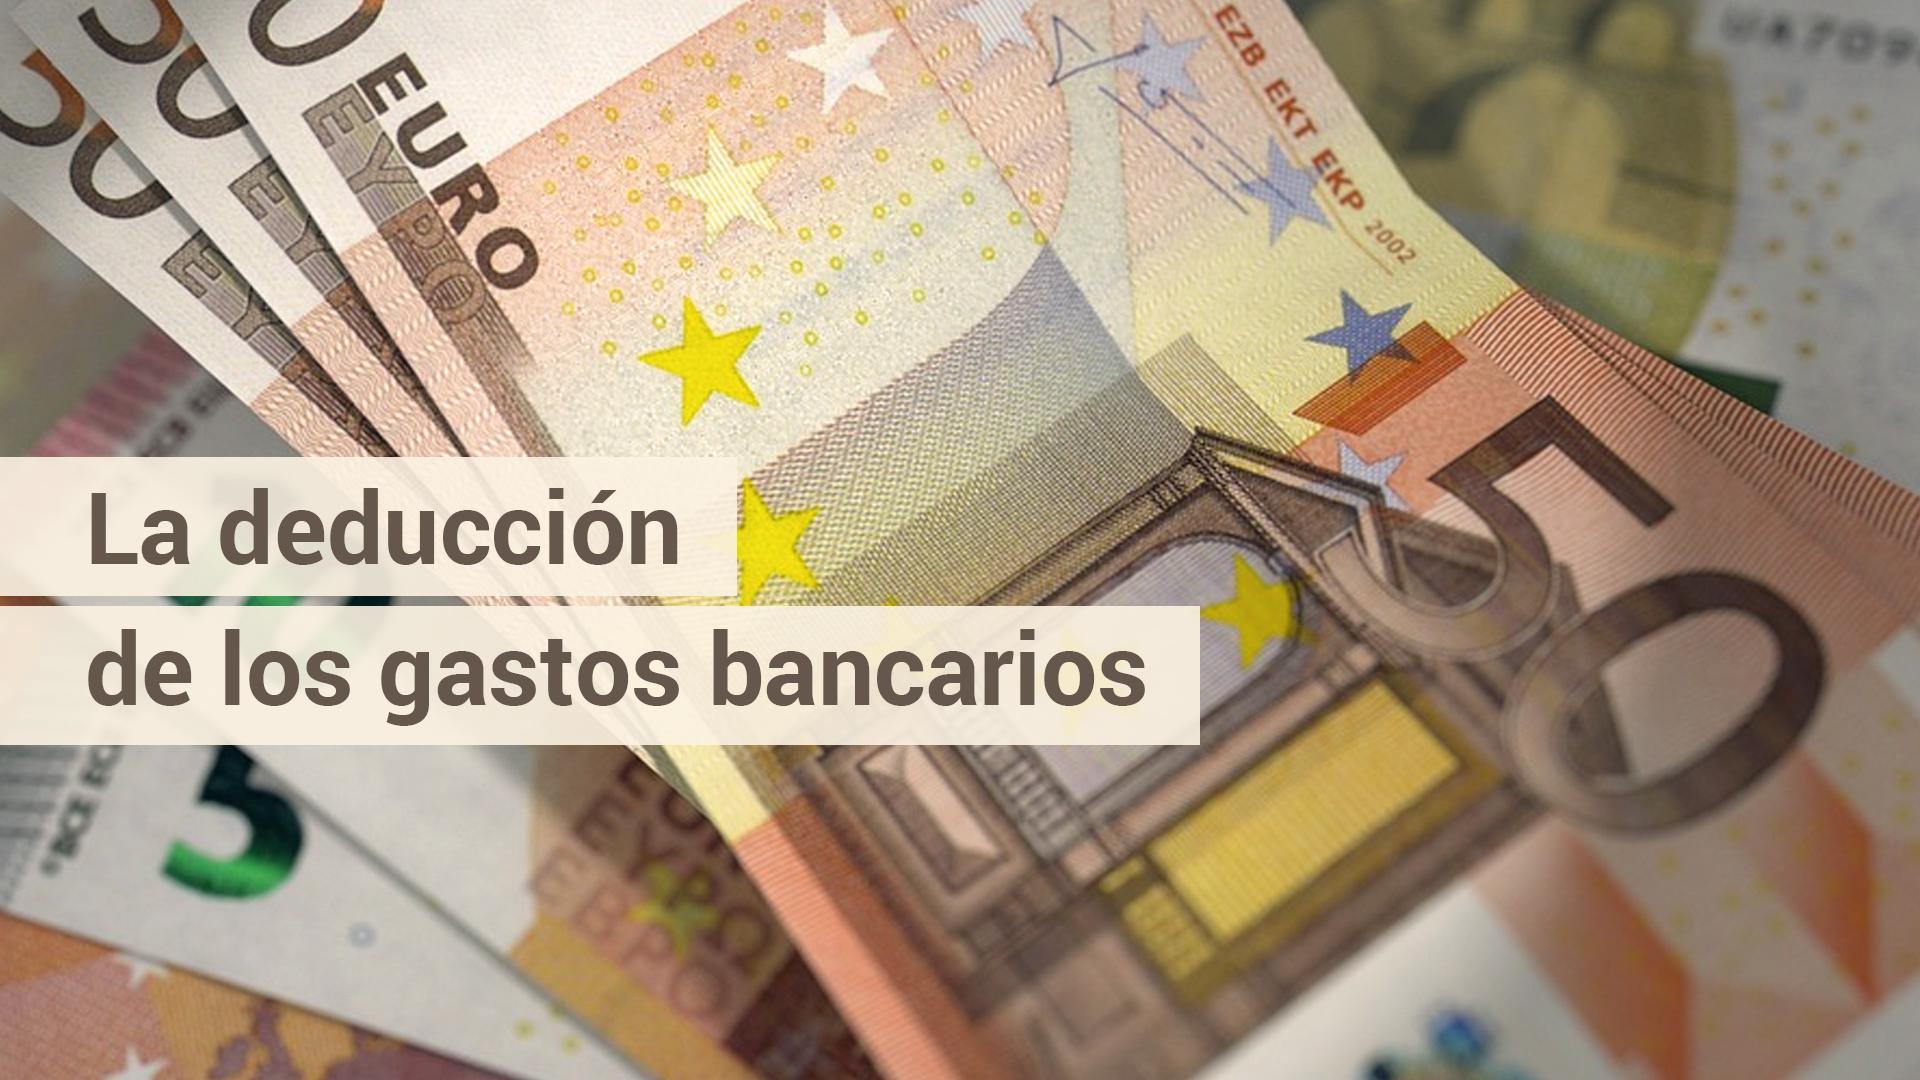 Dudas sobre la deducción de los gastos bancarios